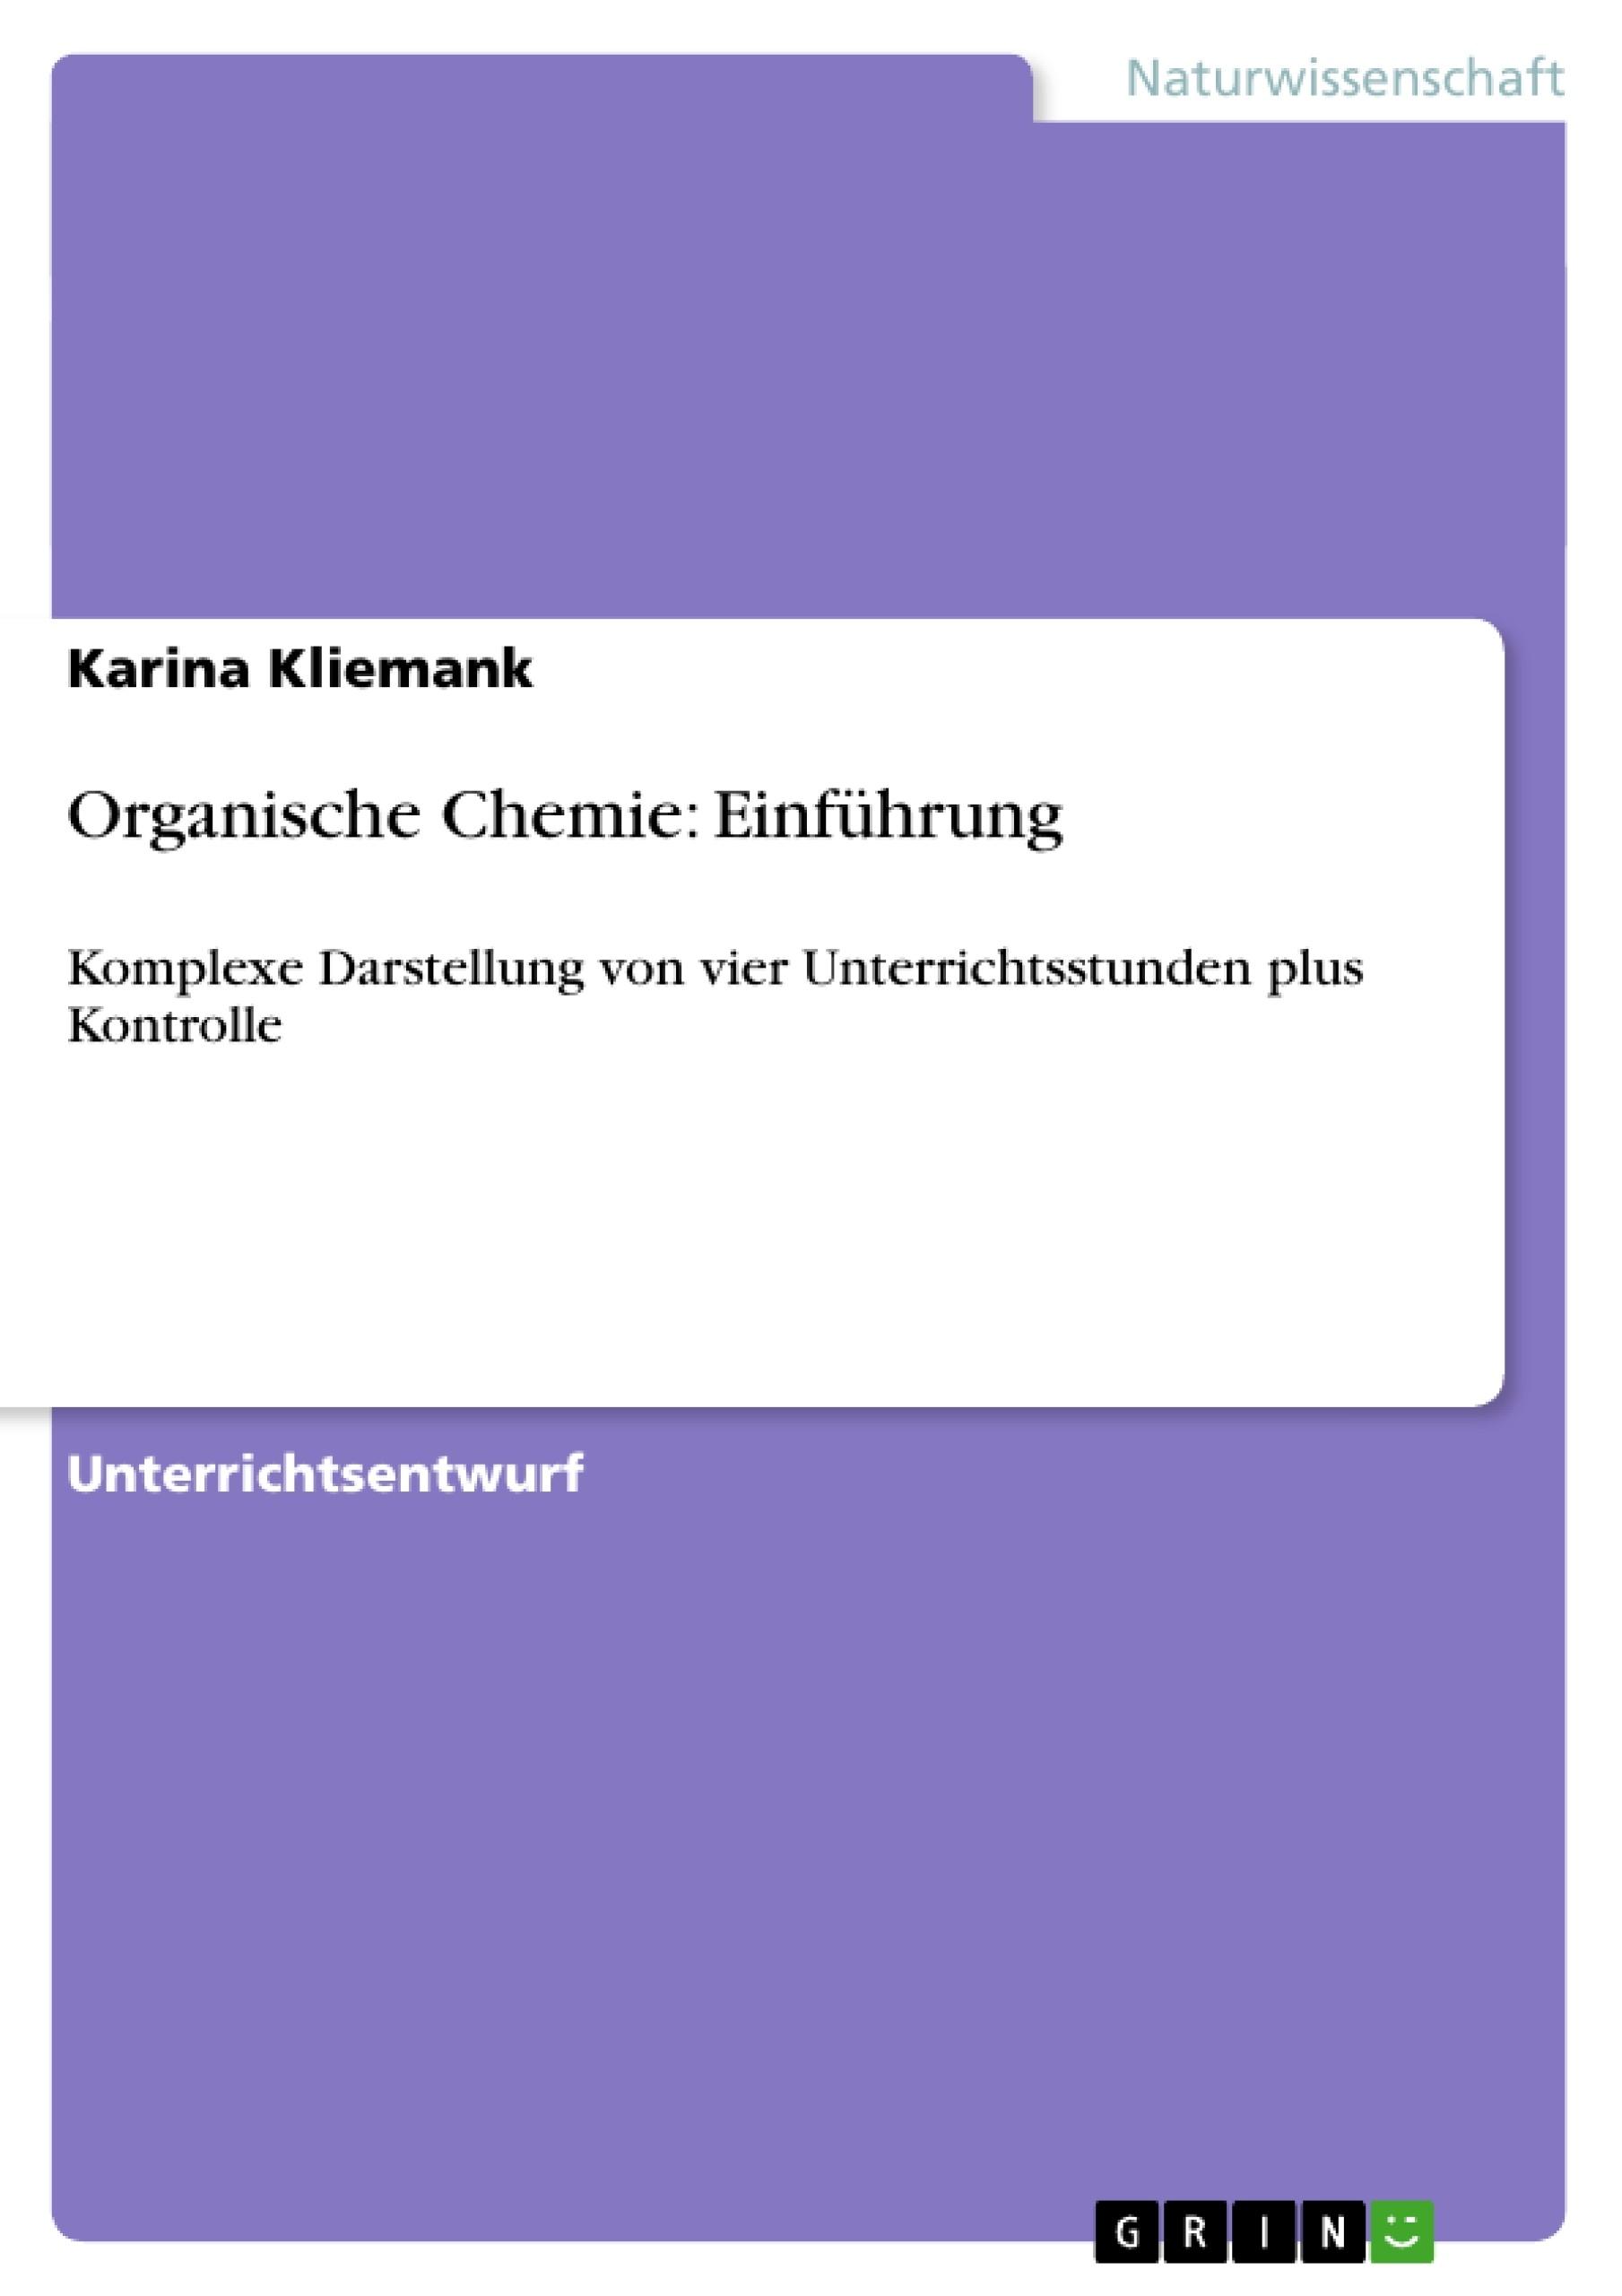 Organische Chemie: Einführung | Masterarbeit, Hausarbeit ...